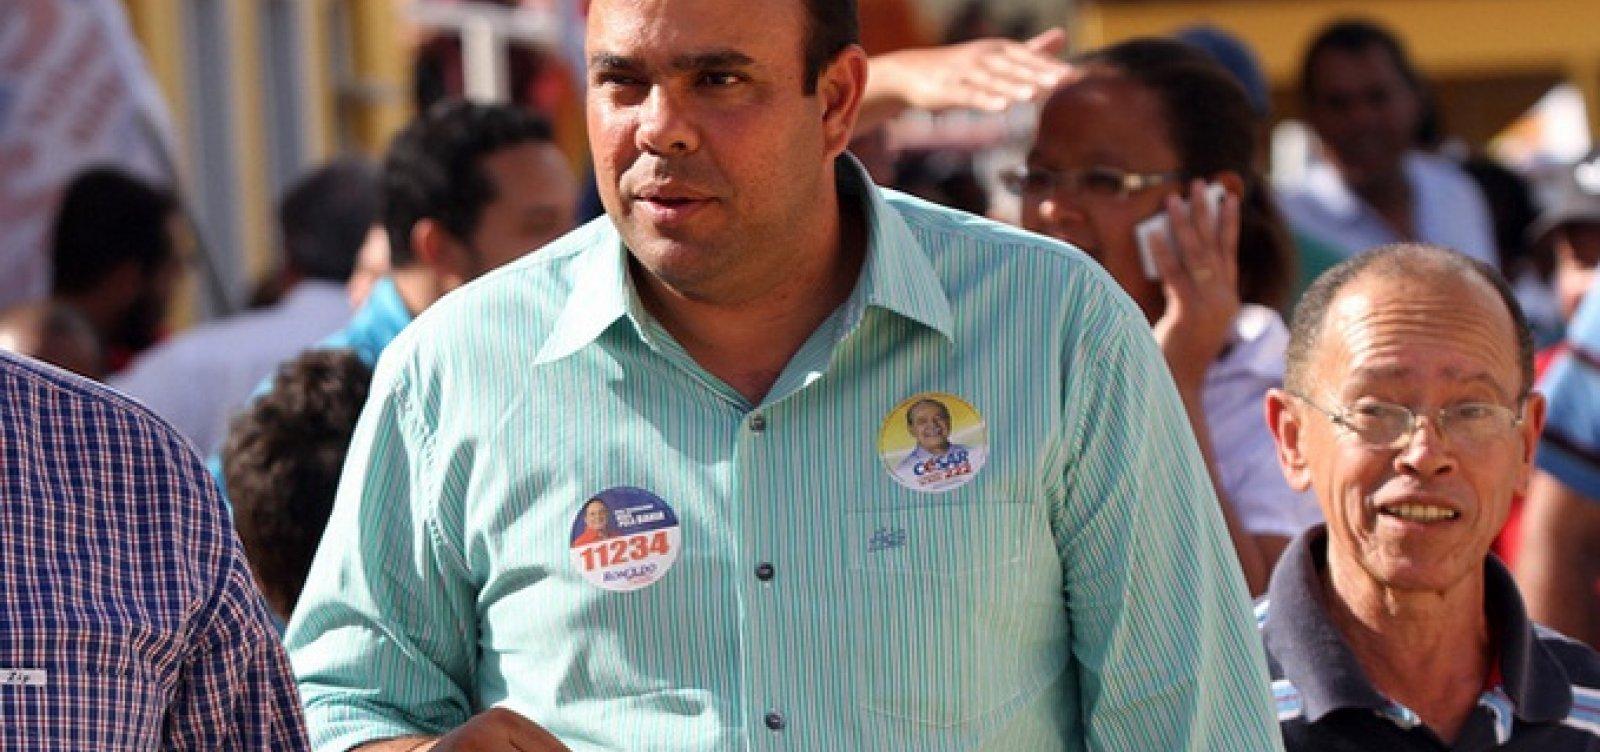 [Brejões: Órgão do TCU pede rejeição das contas de Alan Santos após irregularidades em unidades habitacionais]